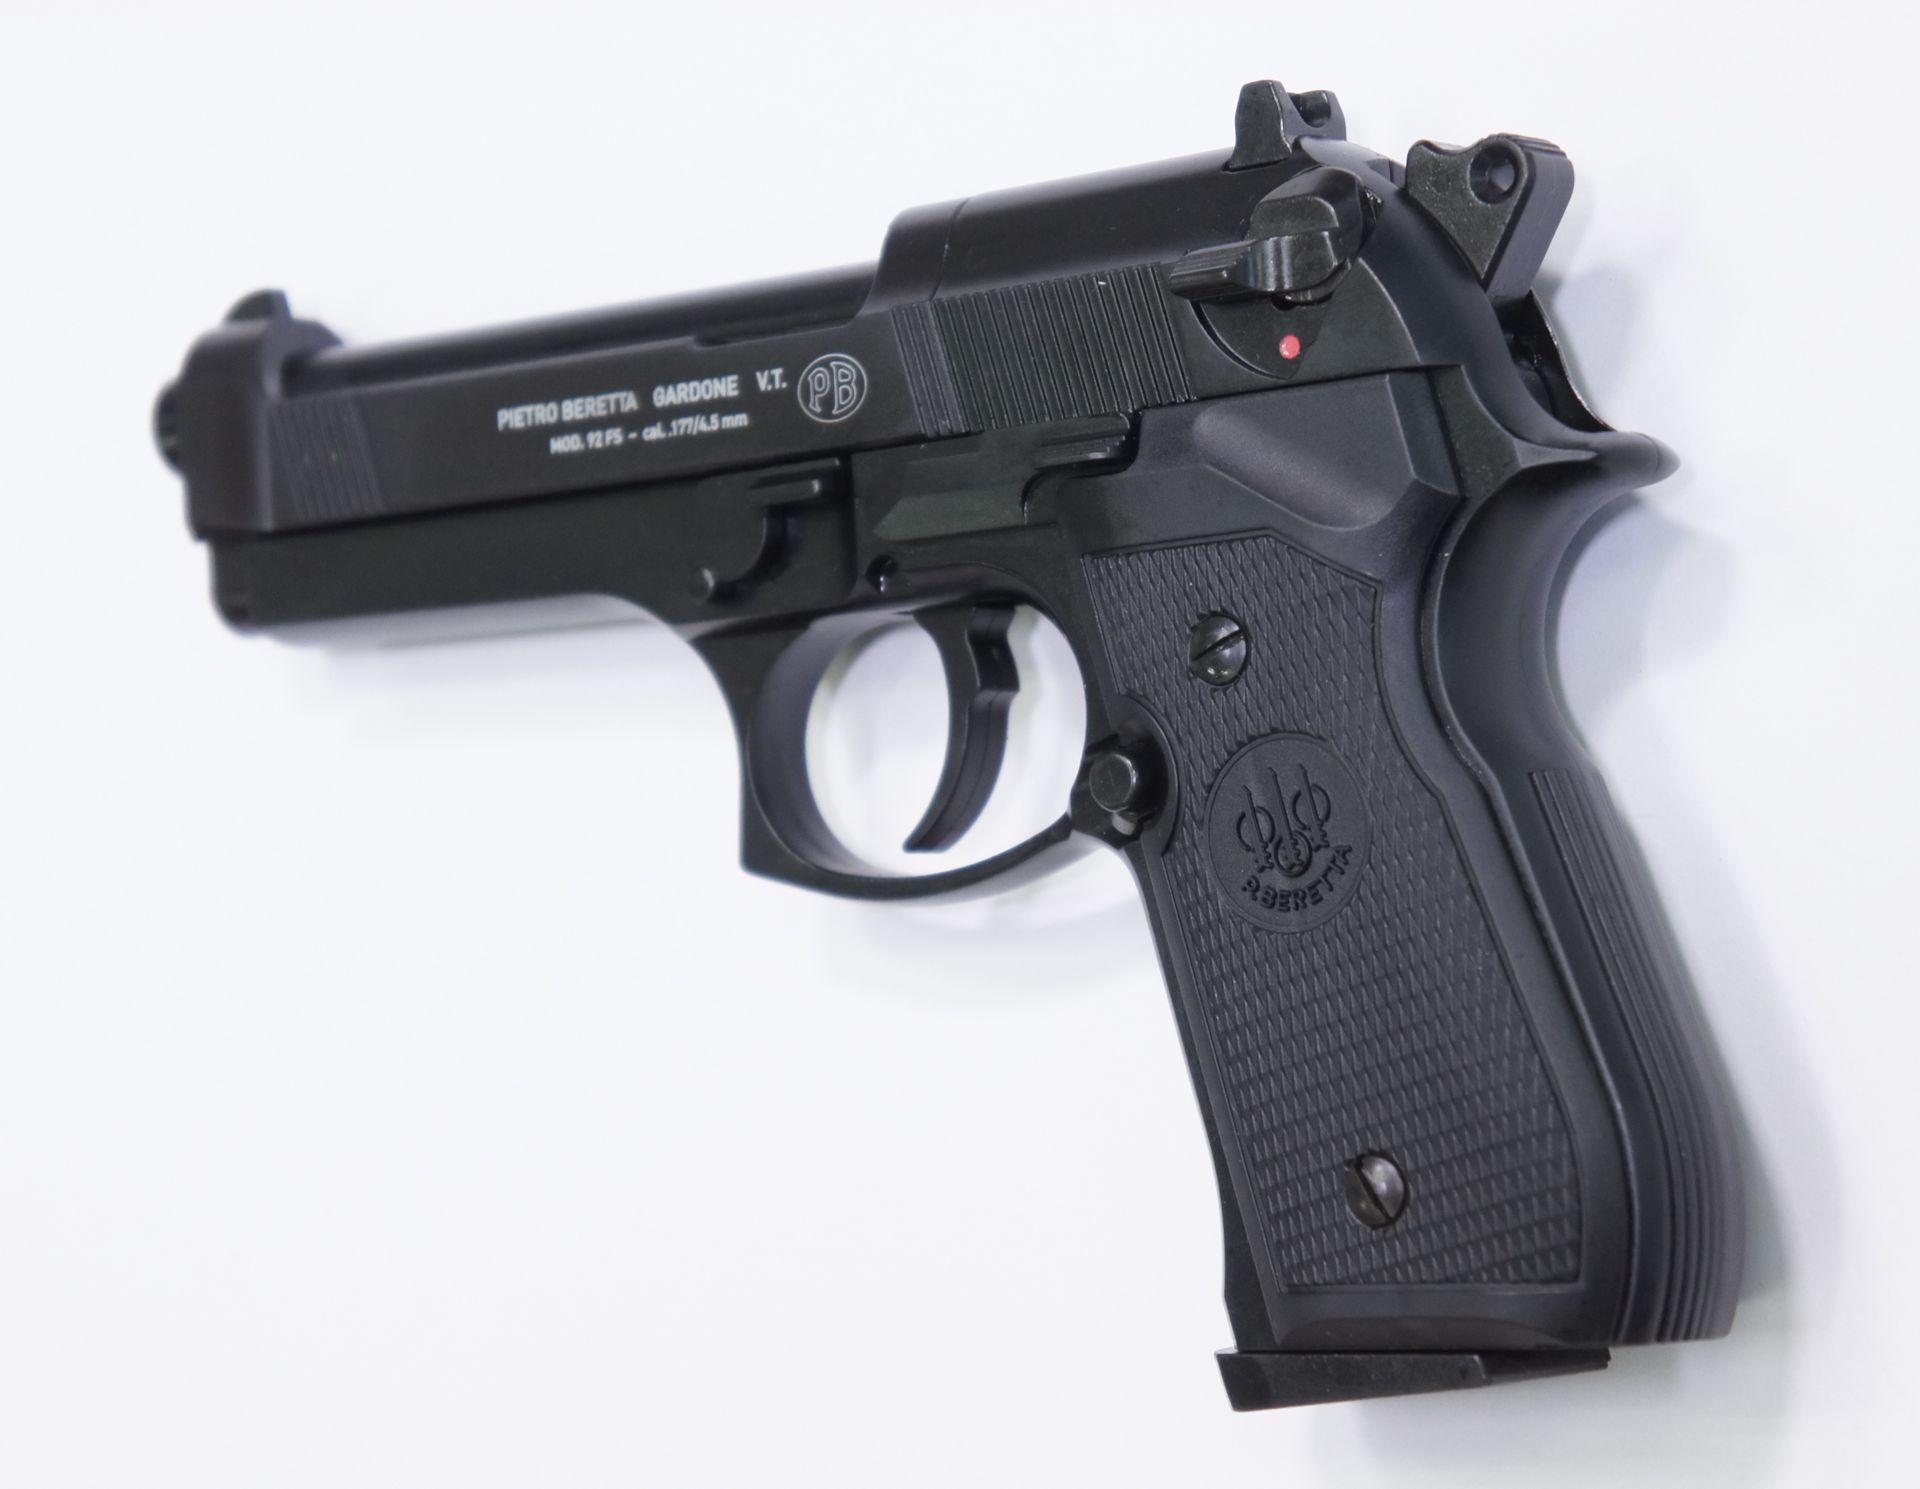 An die CO2 Pistole Beretta 92 FS könnte sehr robust ein Schalldämpfer montiert werden: